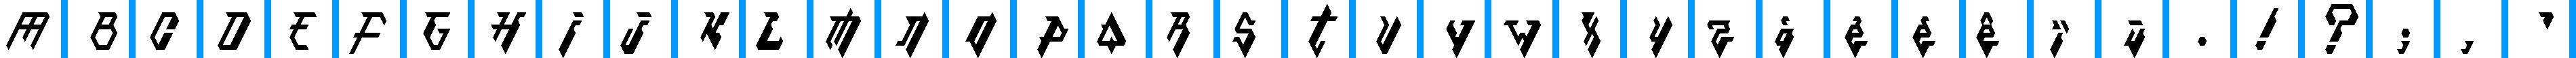 Particip-a-type v.33